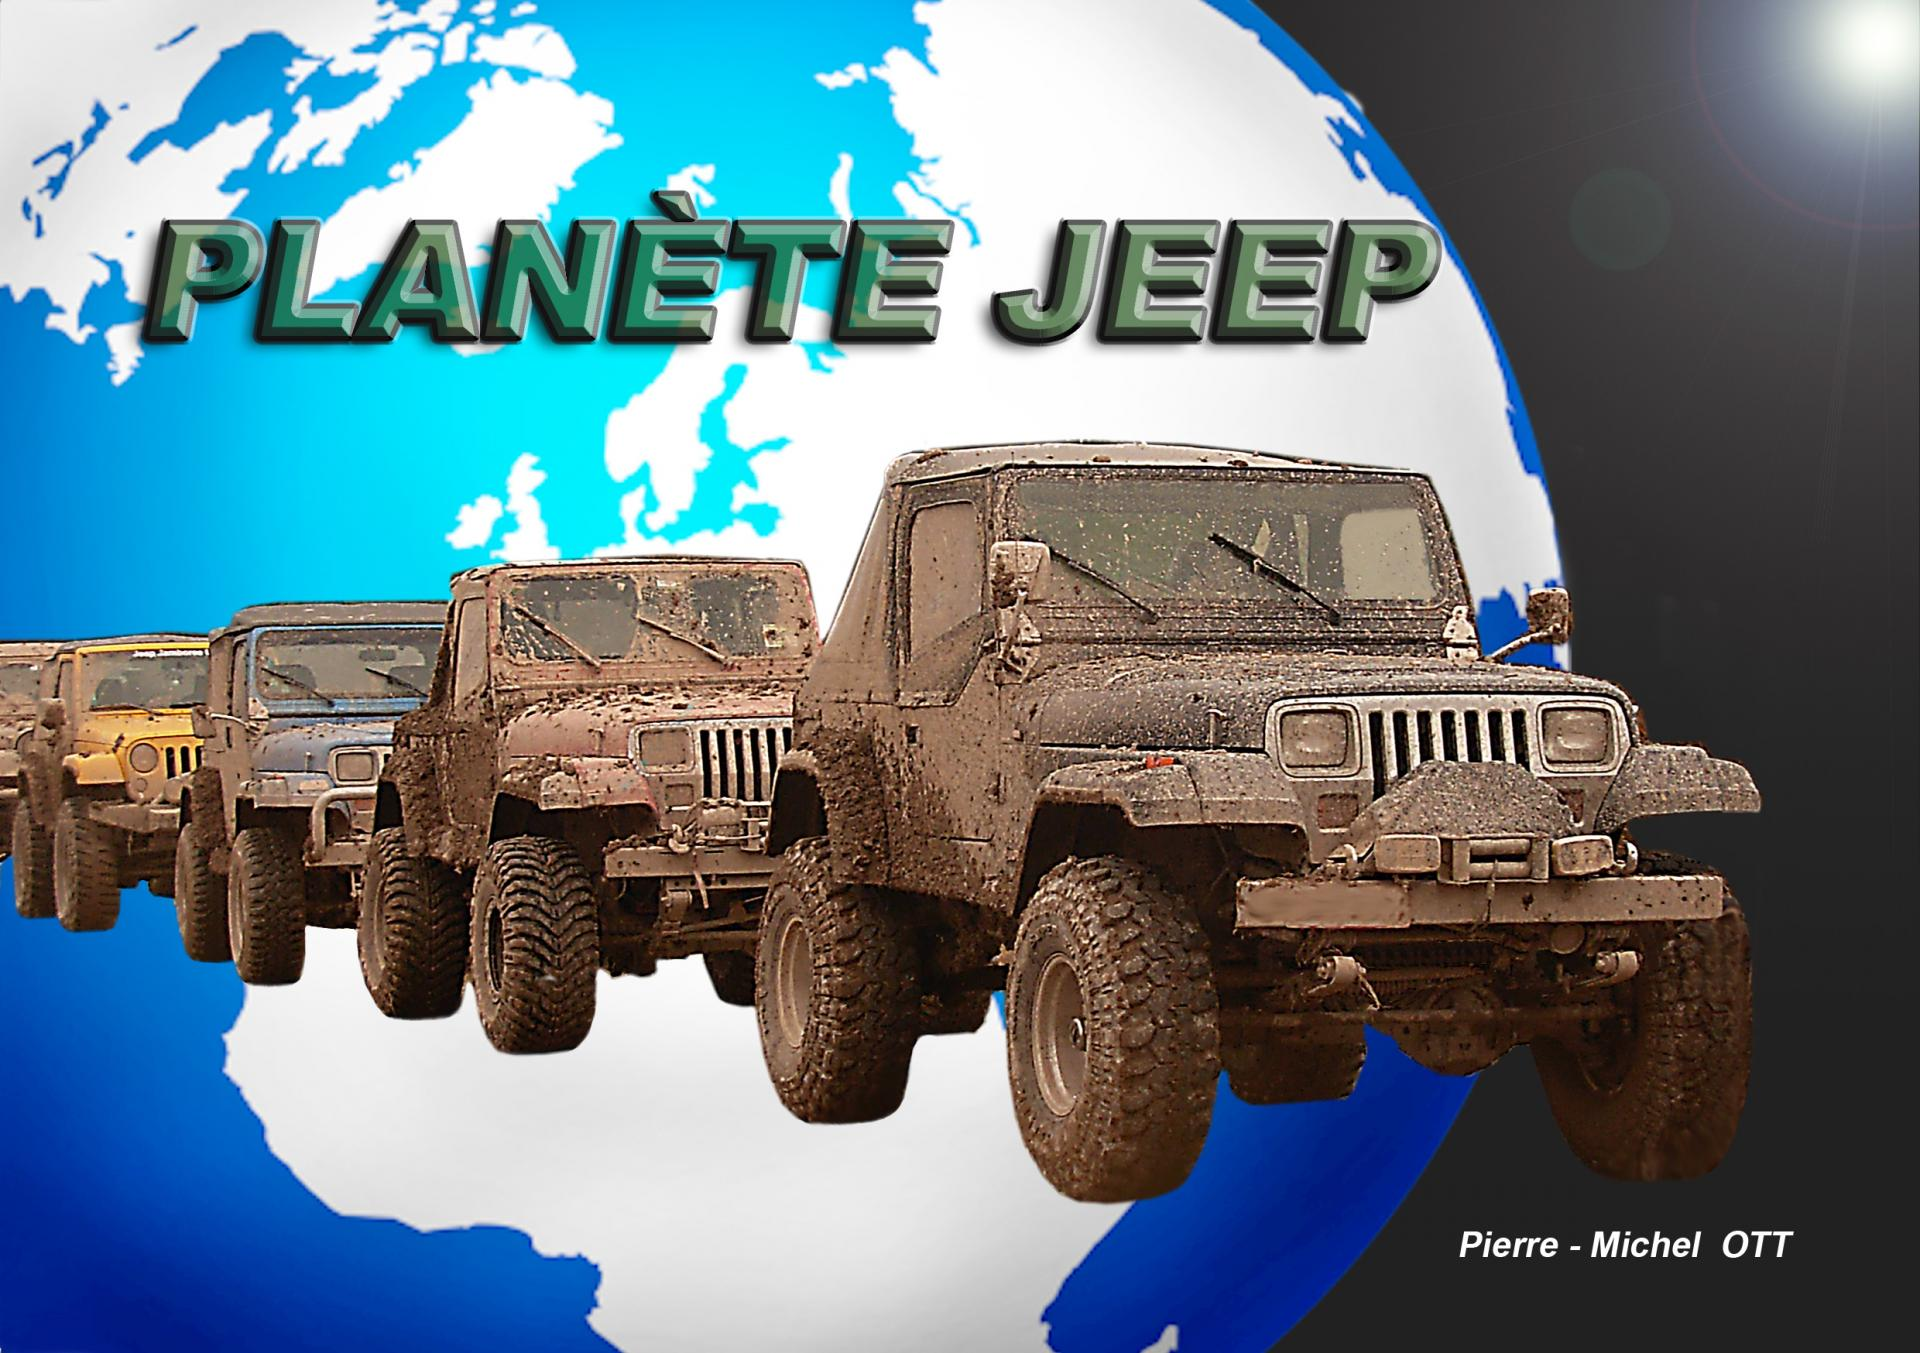 Couv planete jeep